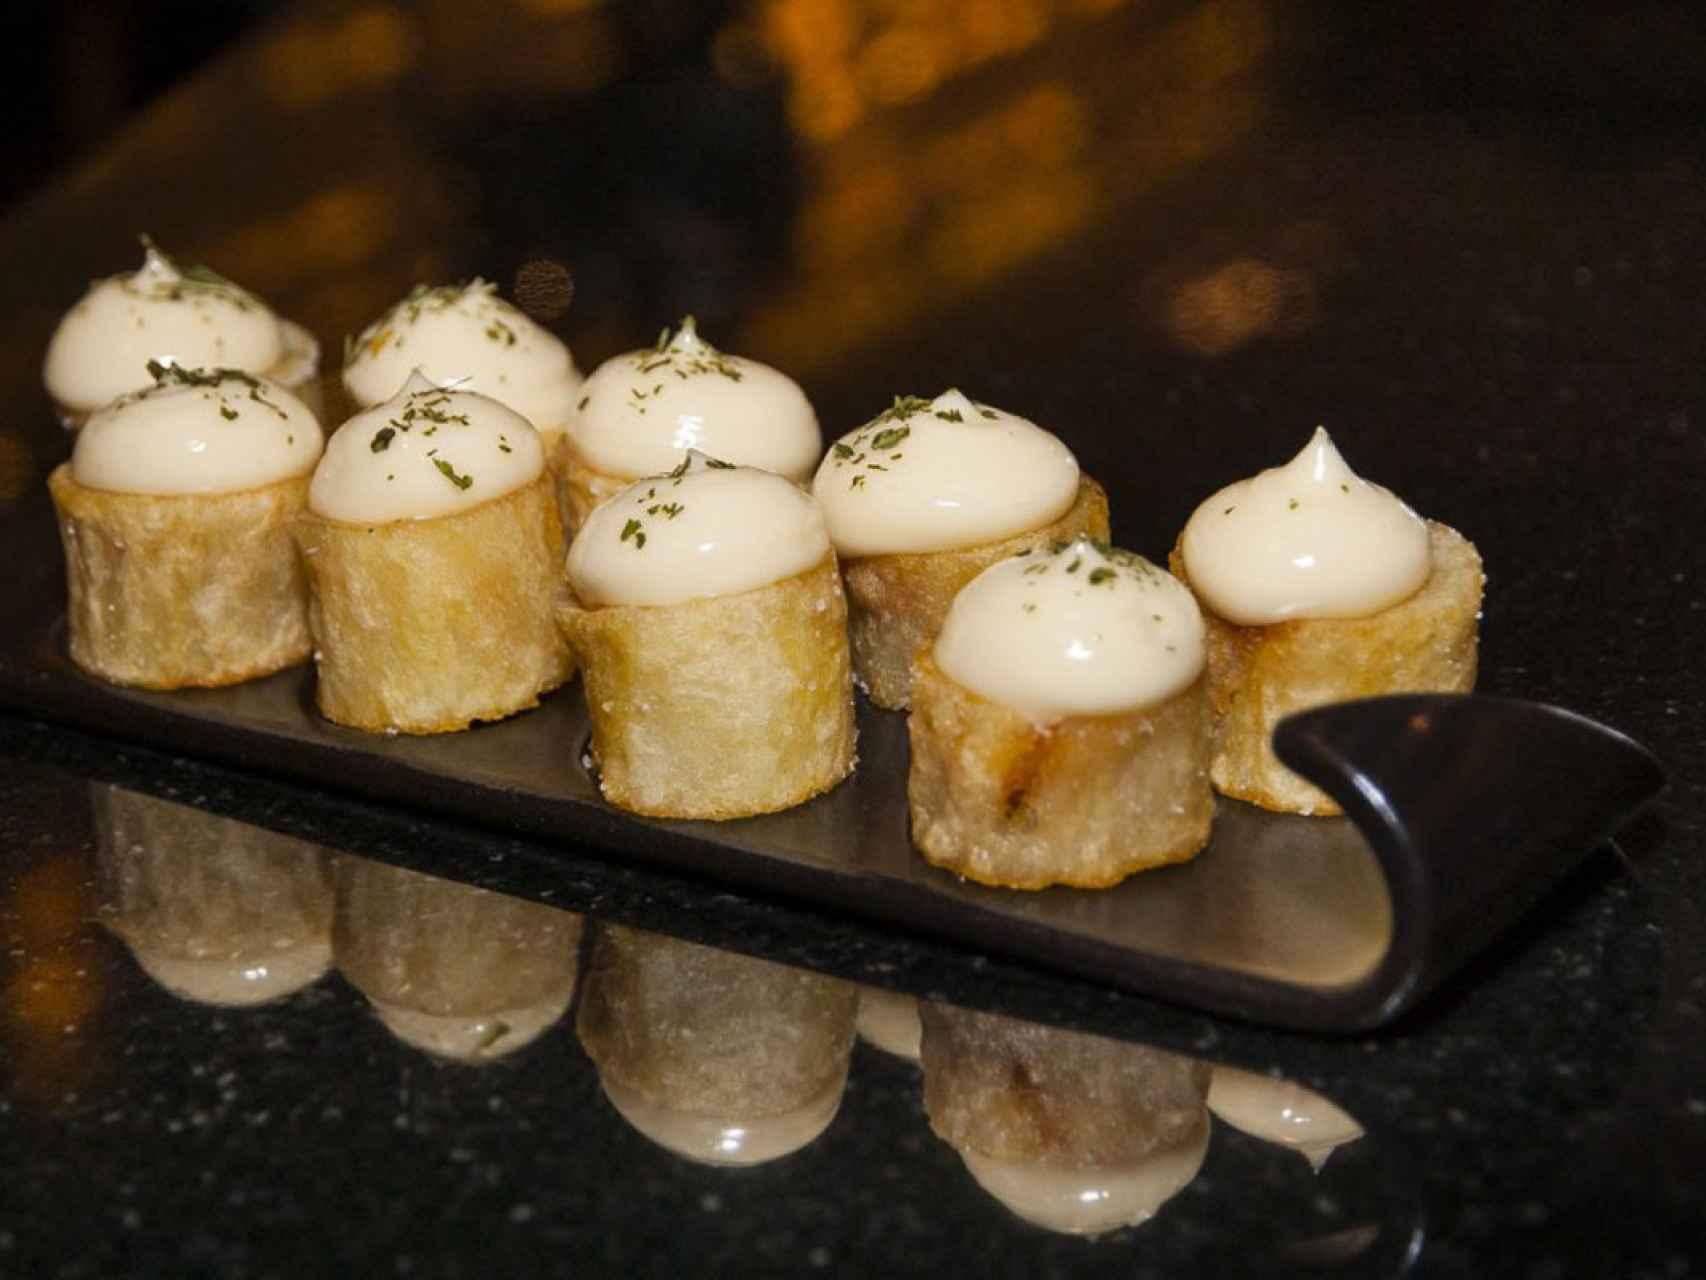 El toque original de las patatas bravas de Sergi Arola.